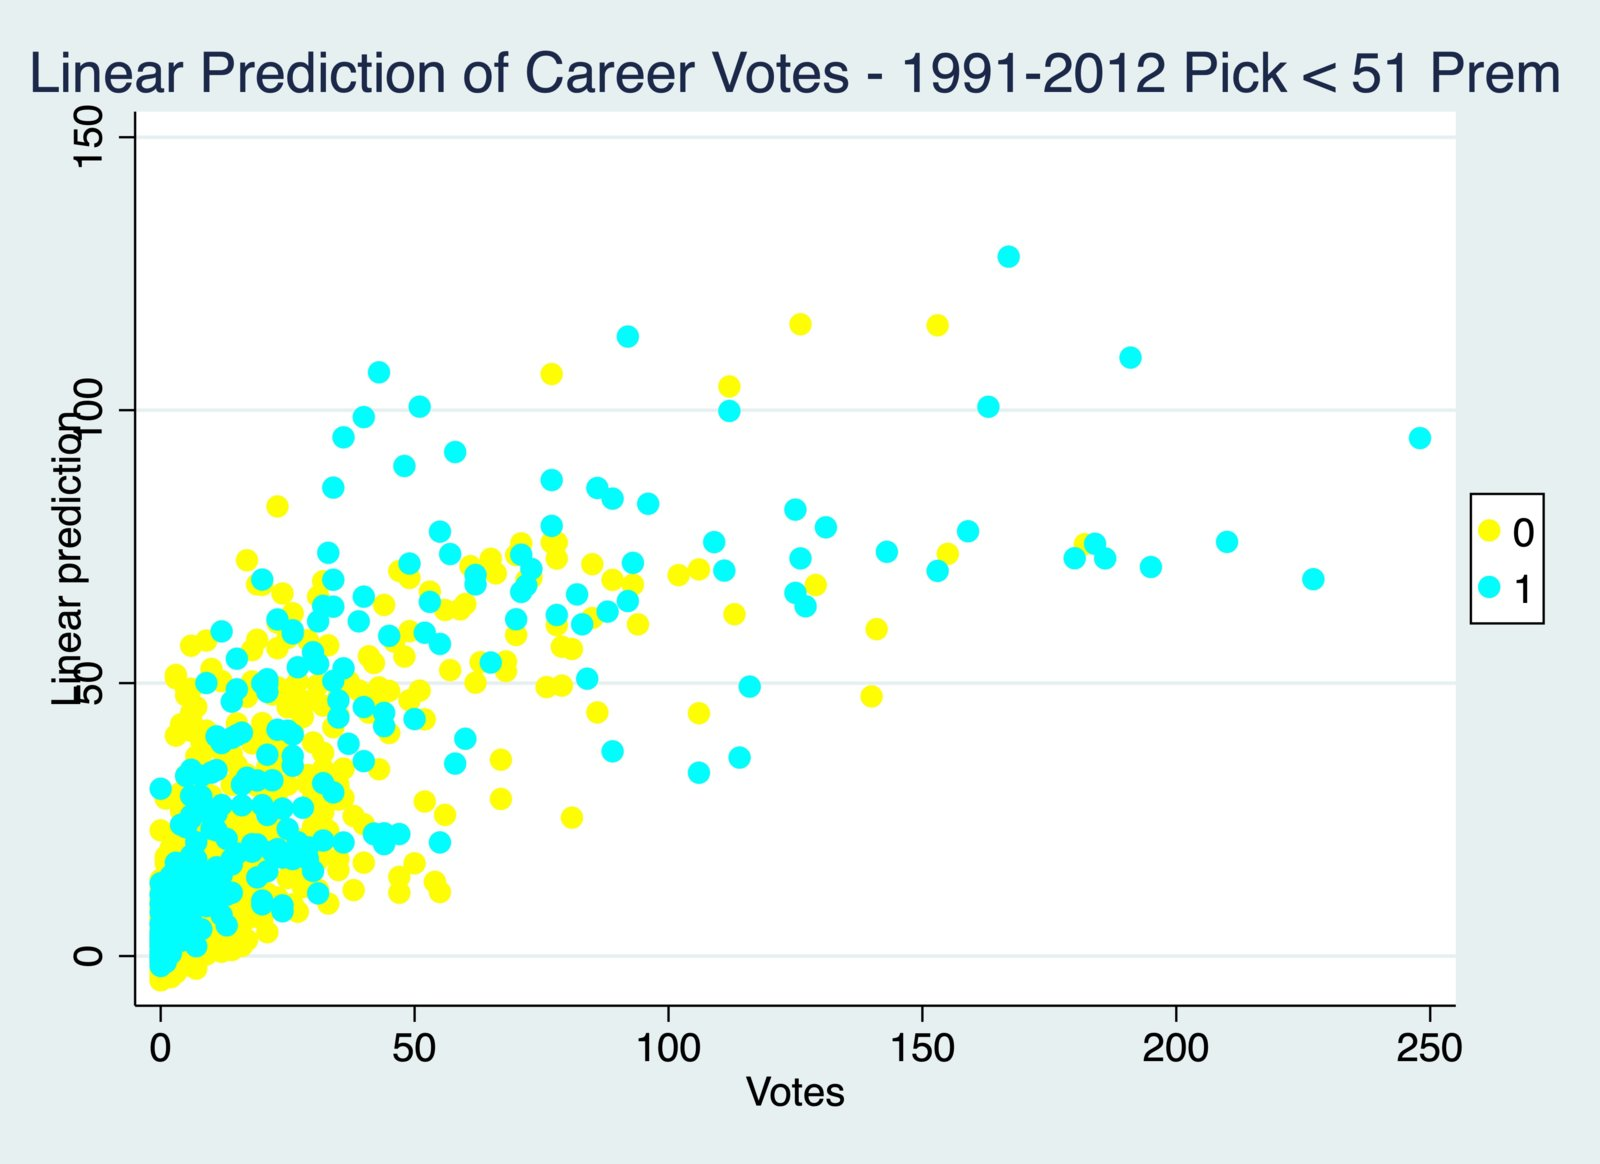 Linear Prediction of Career Votes - 1991-2012 Pick < 51 Prem.jpg